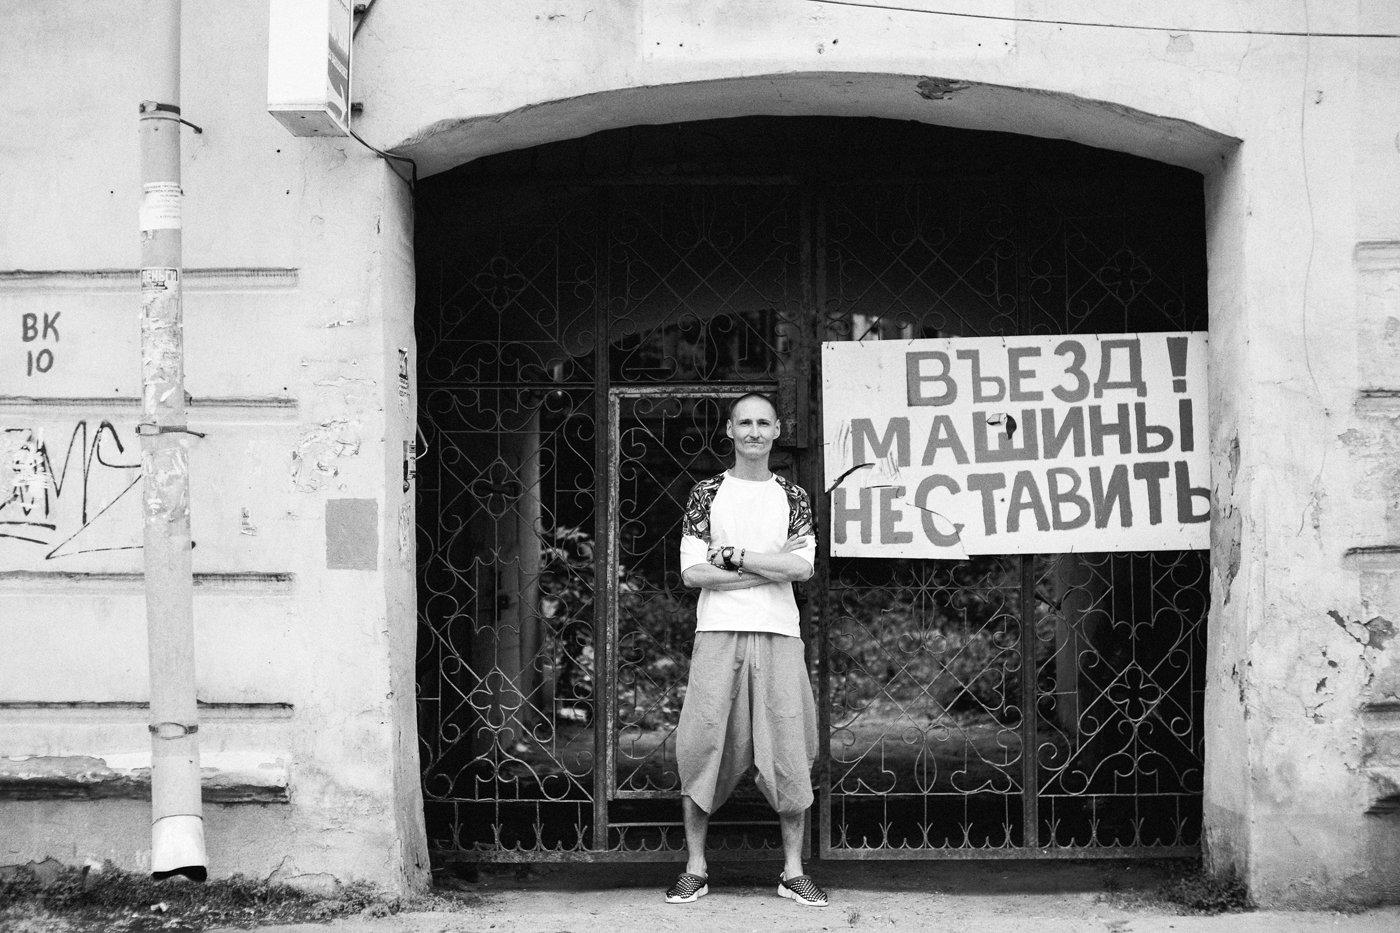 #портрет #мужчина #никон #фотосессия #нск #актер #чб, Брежнев Александр